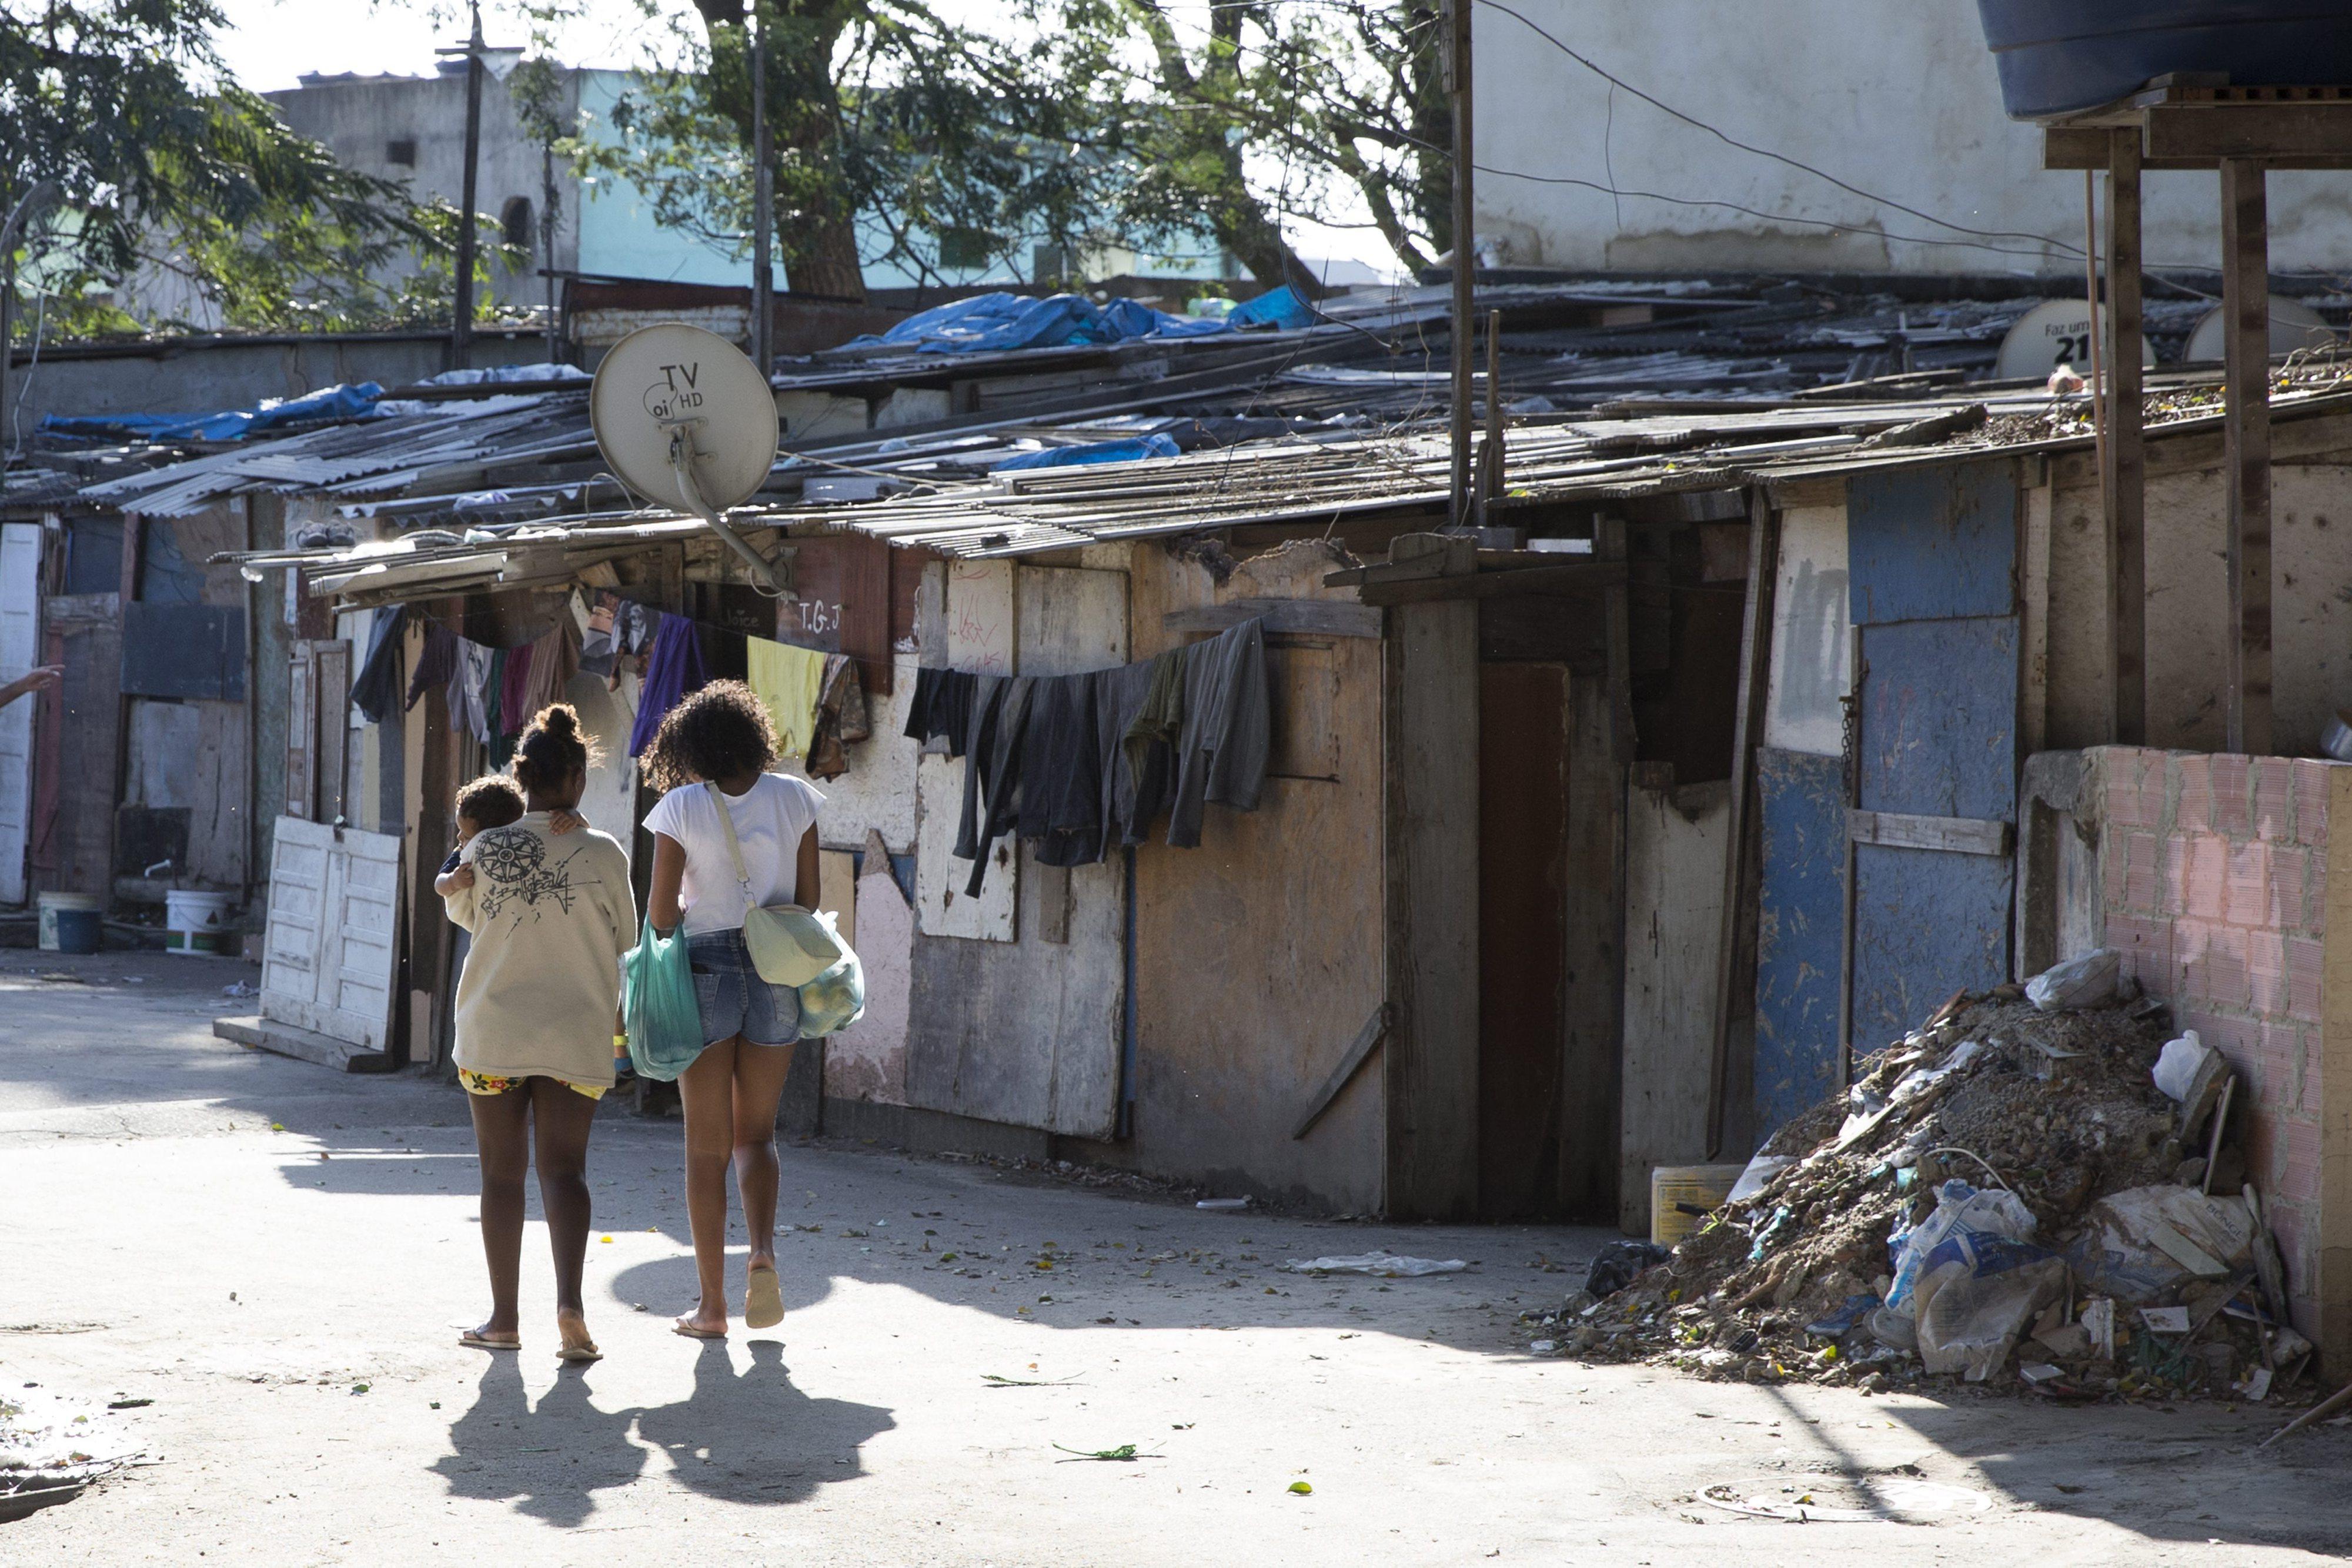 Um quarto da população brasileira viveu em 2016 abaixo da linha da pobreza